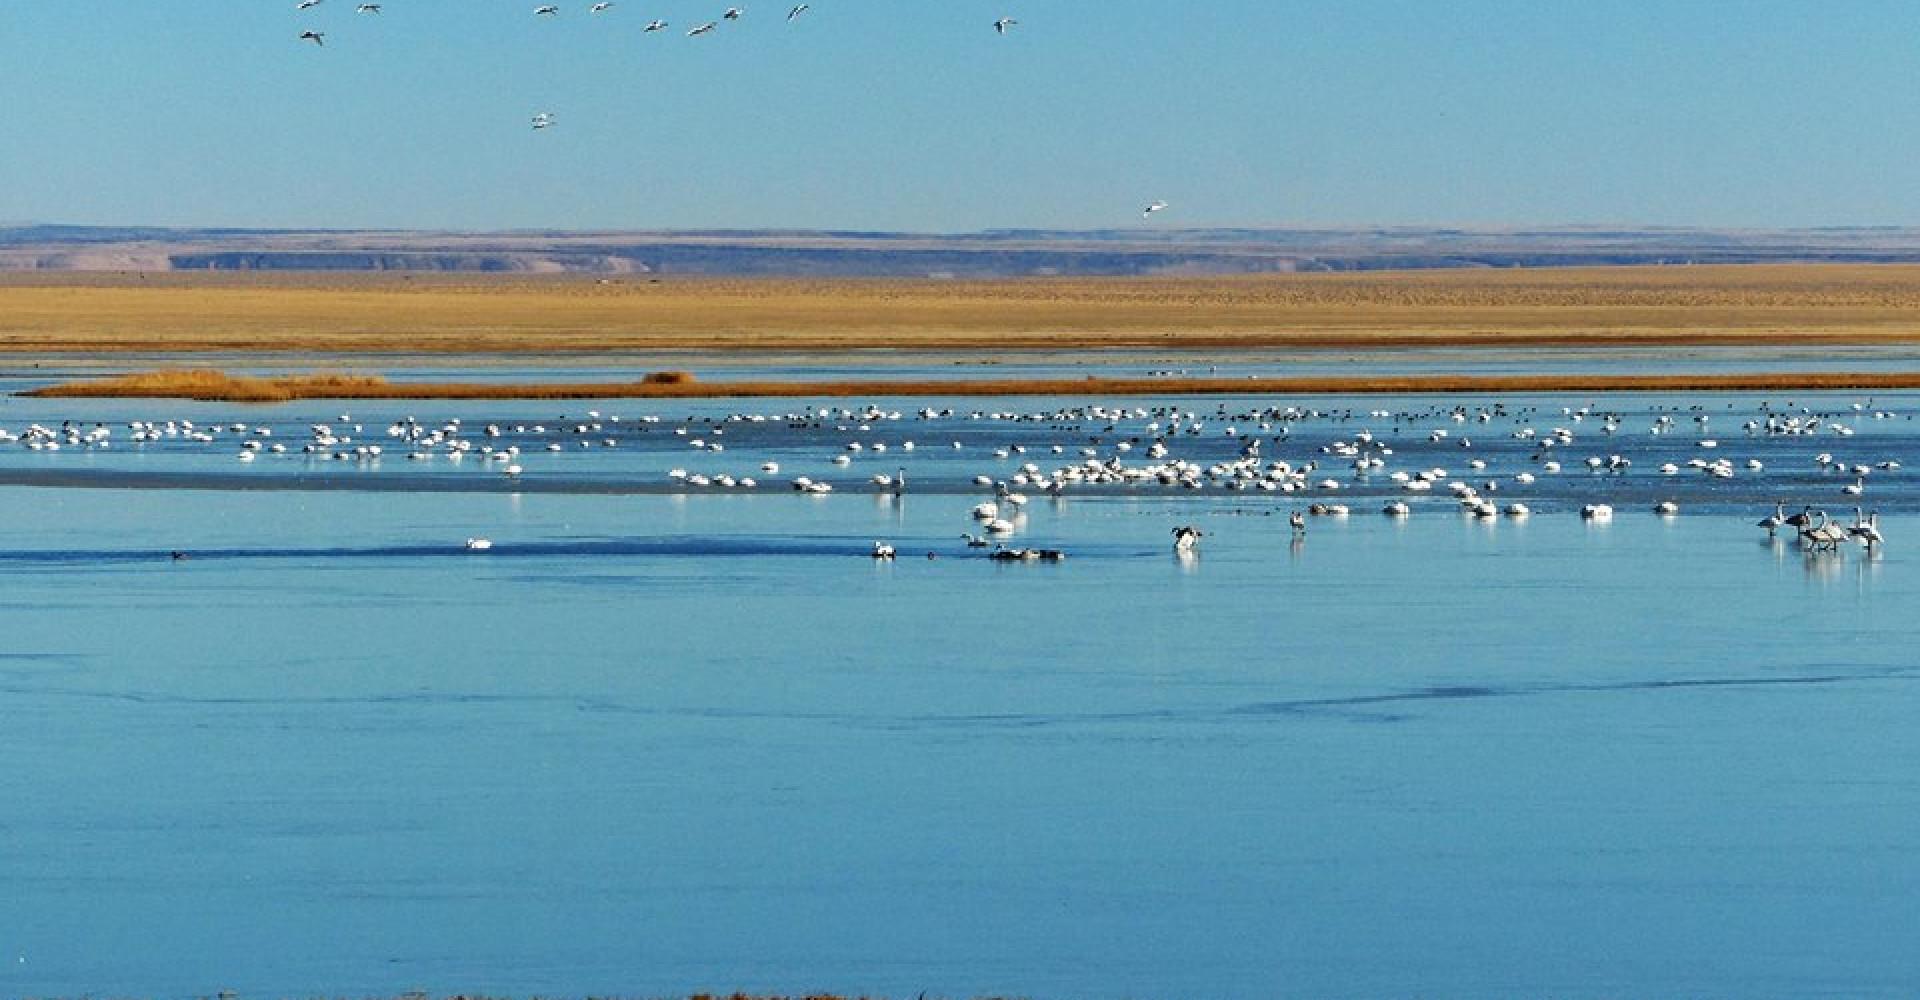 Kholboolj lake